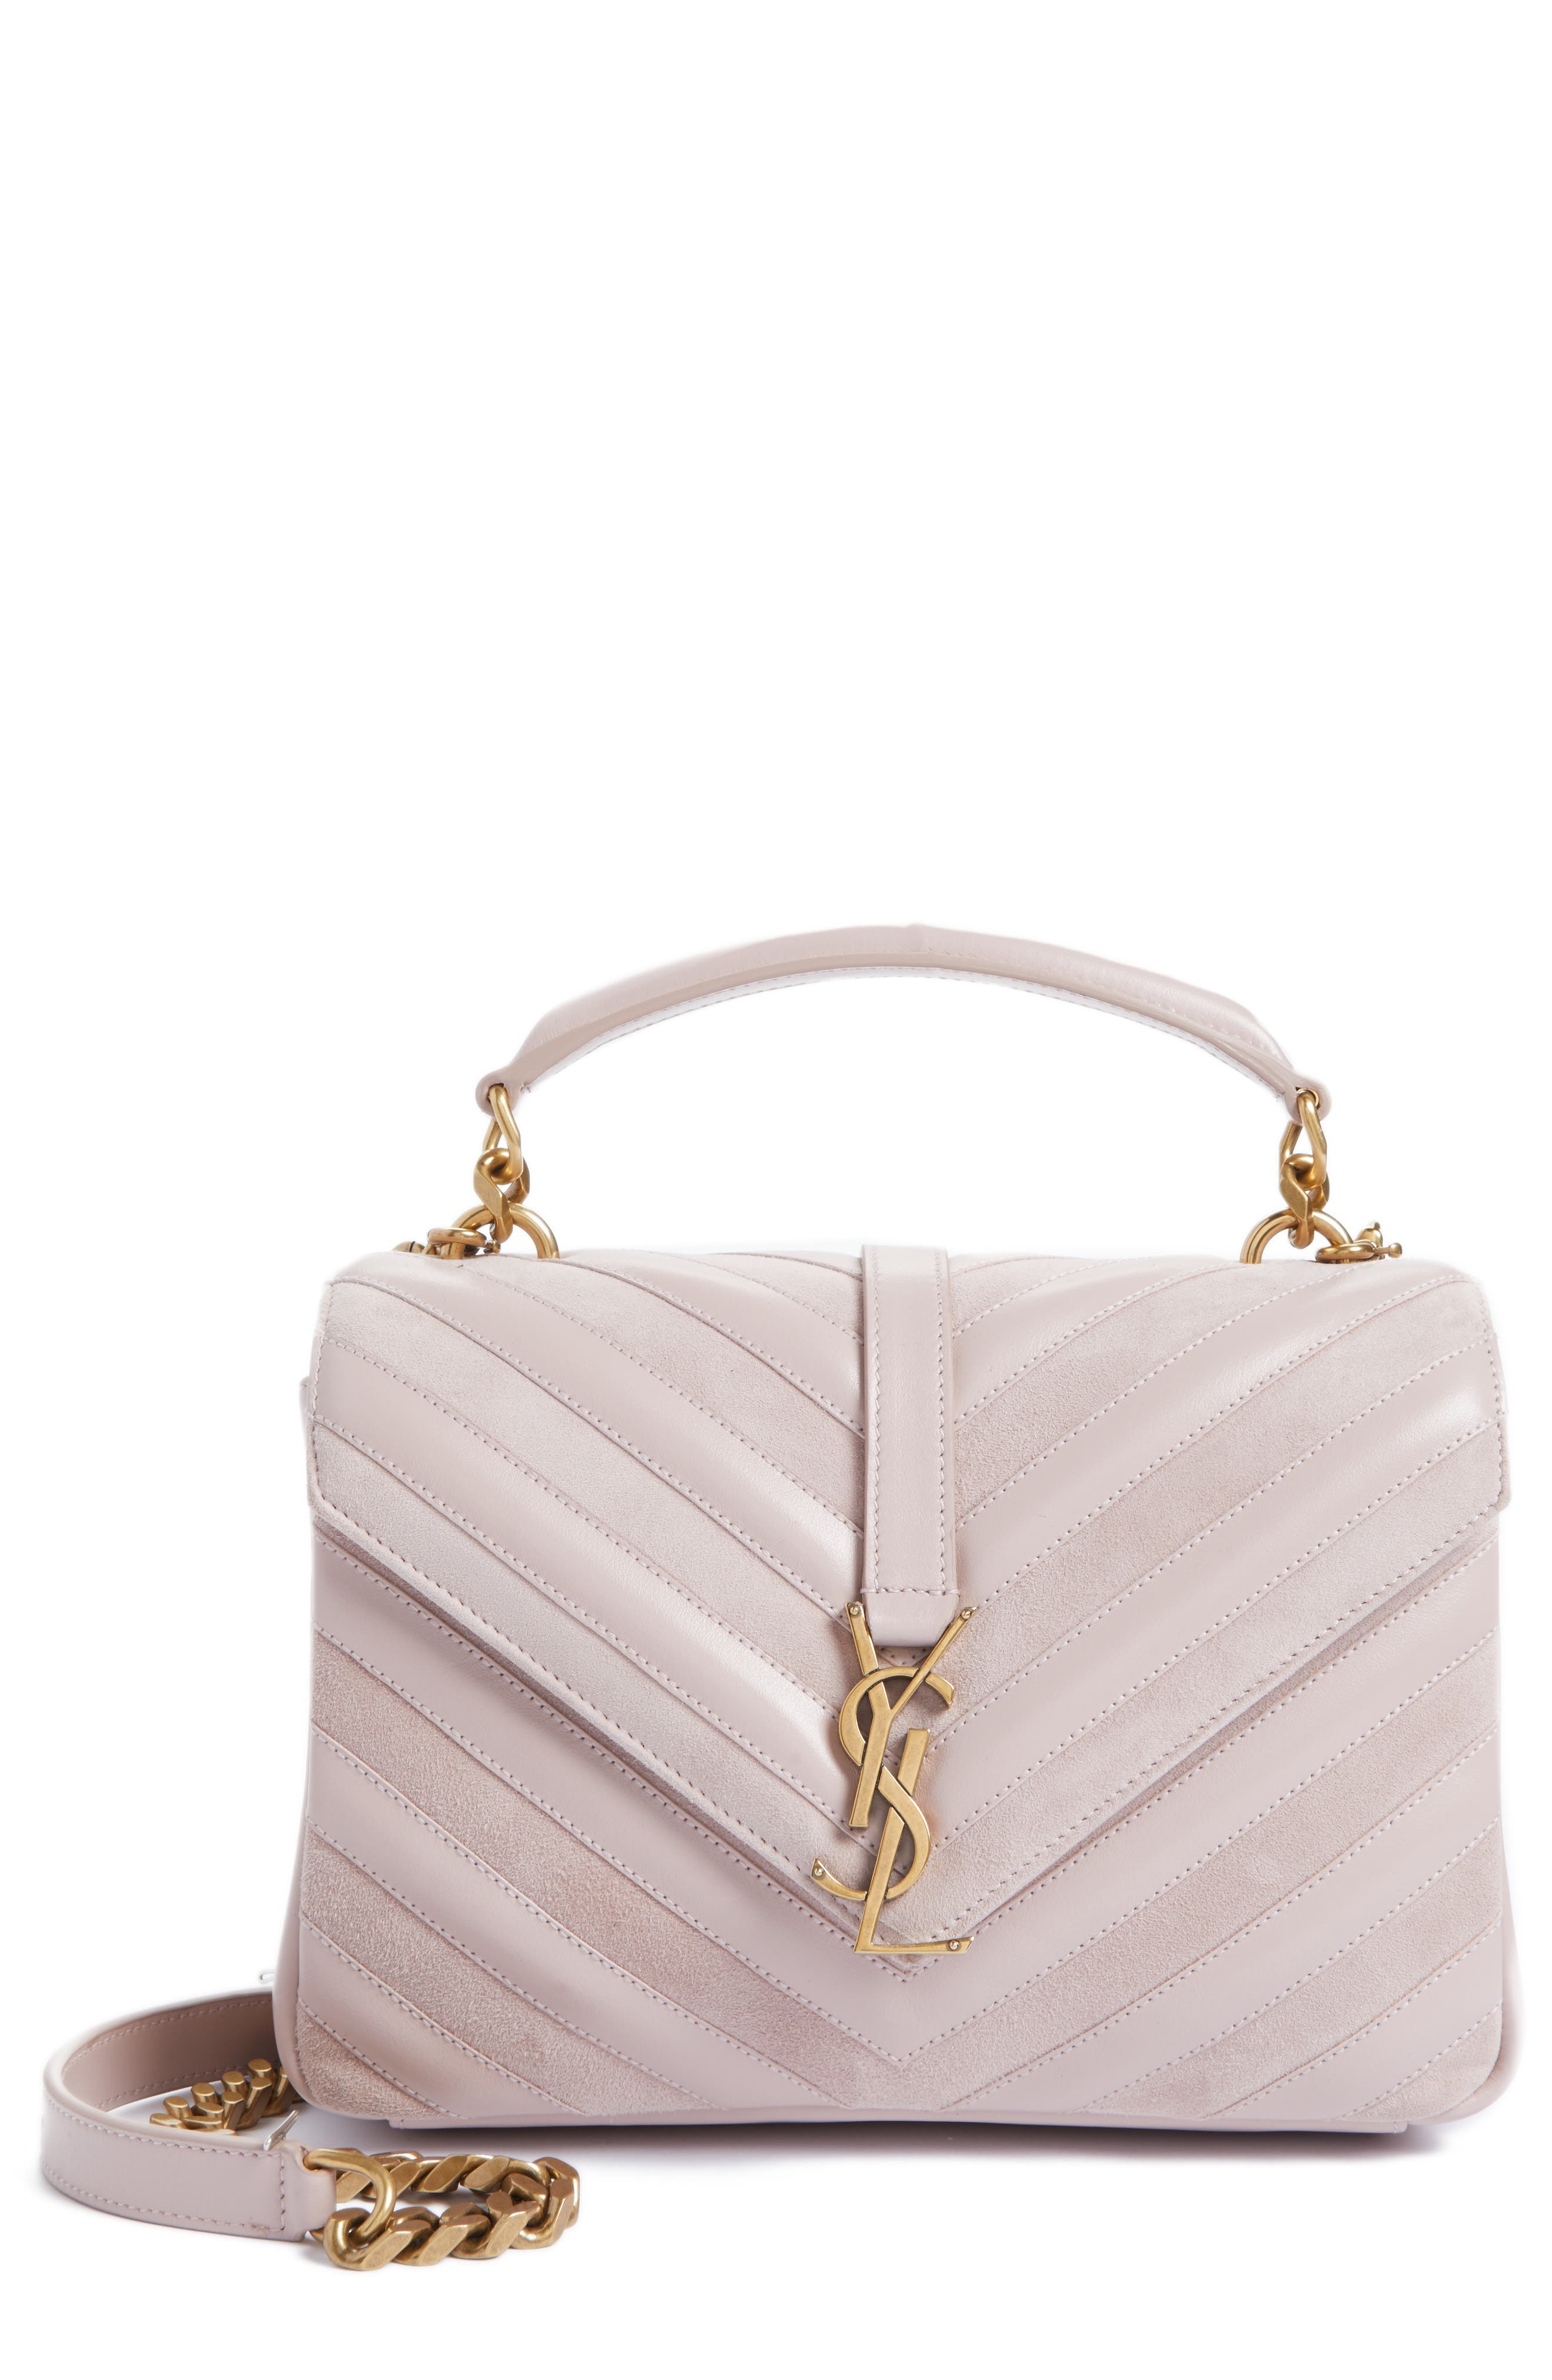 Alternate Image 1 Selected - Saint Laurent Medium College Patchwork Suede & Leather Shoulder Bag